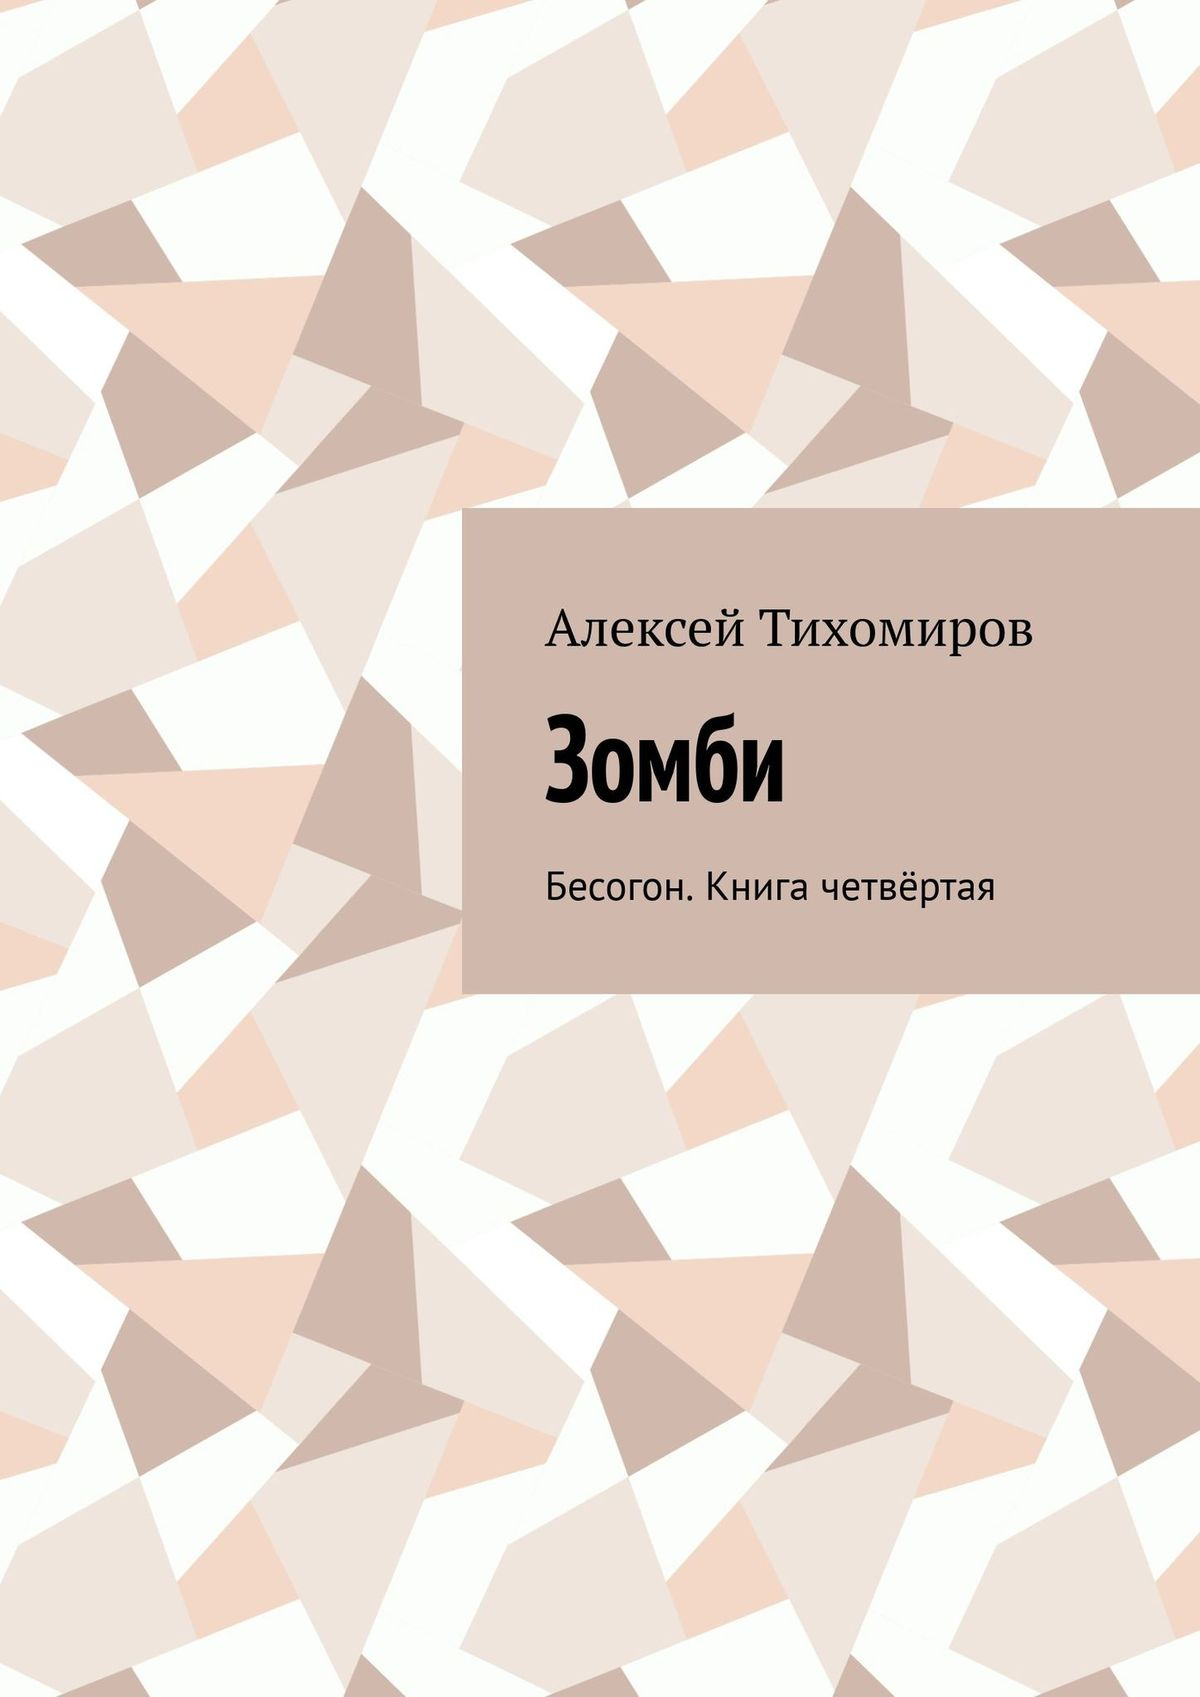 Алексей Тихомиров Зомби. Изнанка жизни тоня виатровски сделай свою книгу